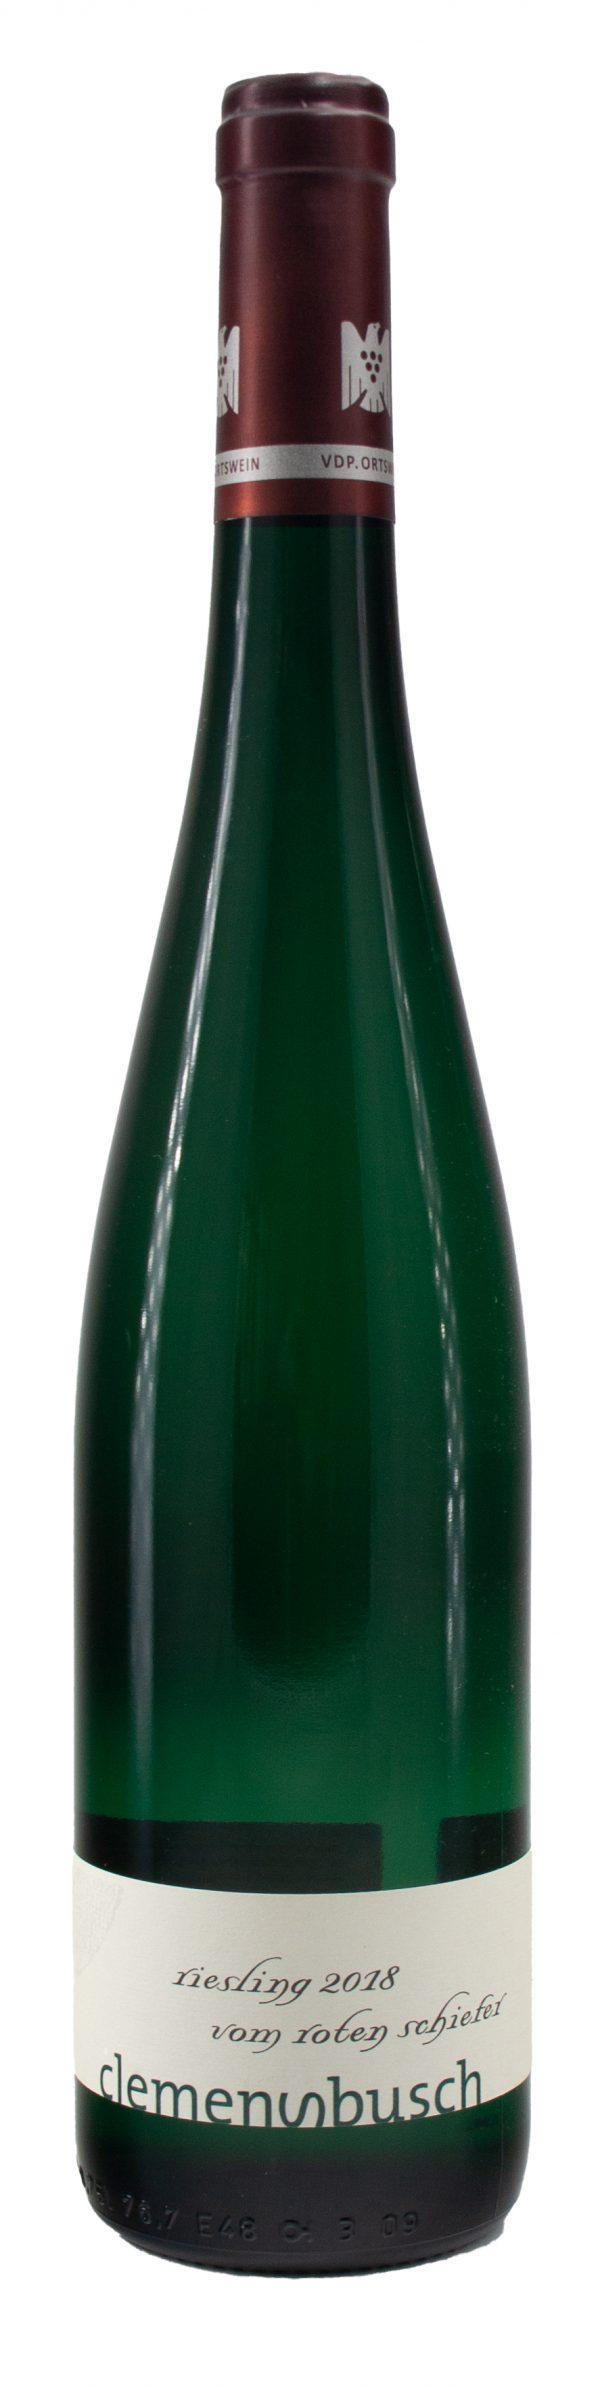 6 Flaschen 2018 Vom roten Schiefer Riesling Qualitätswein